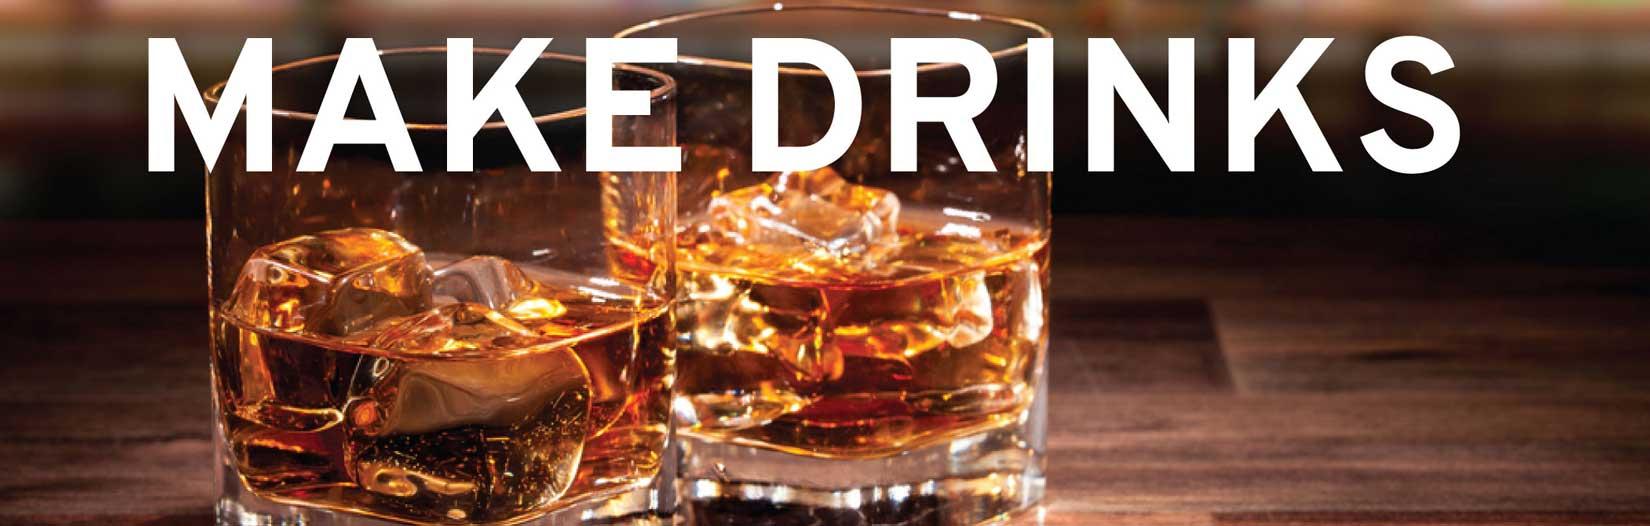 make-drinks-opt